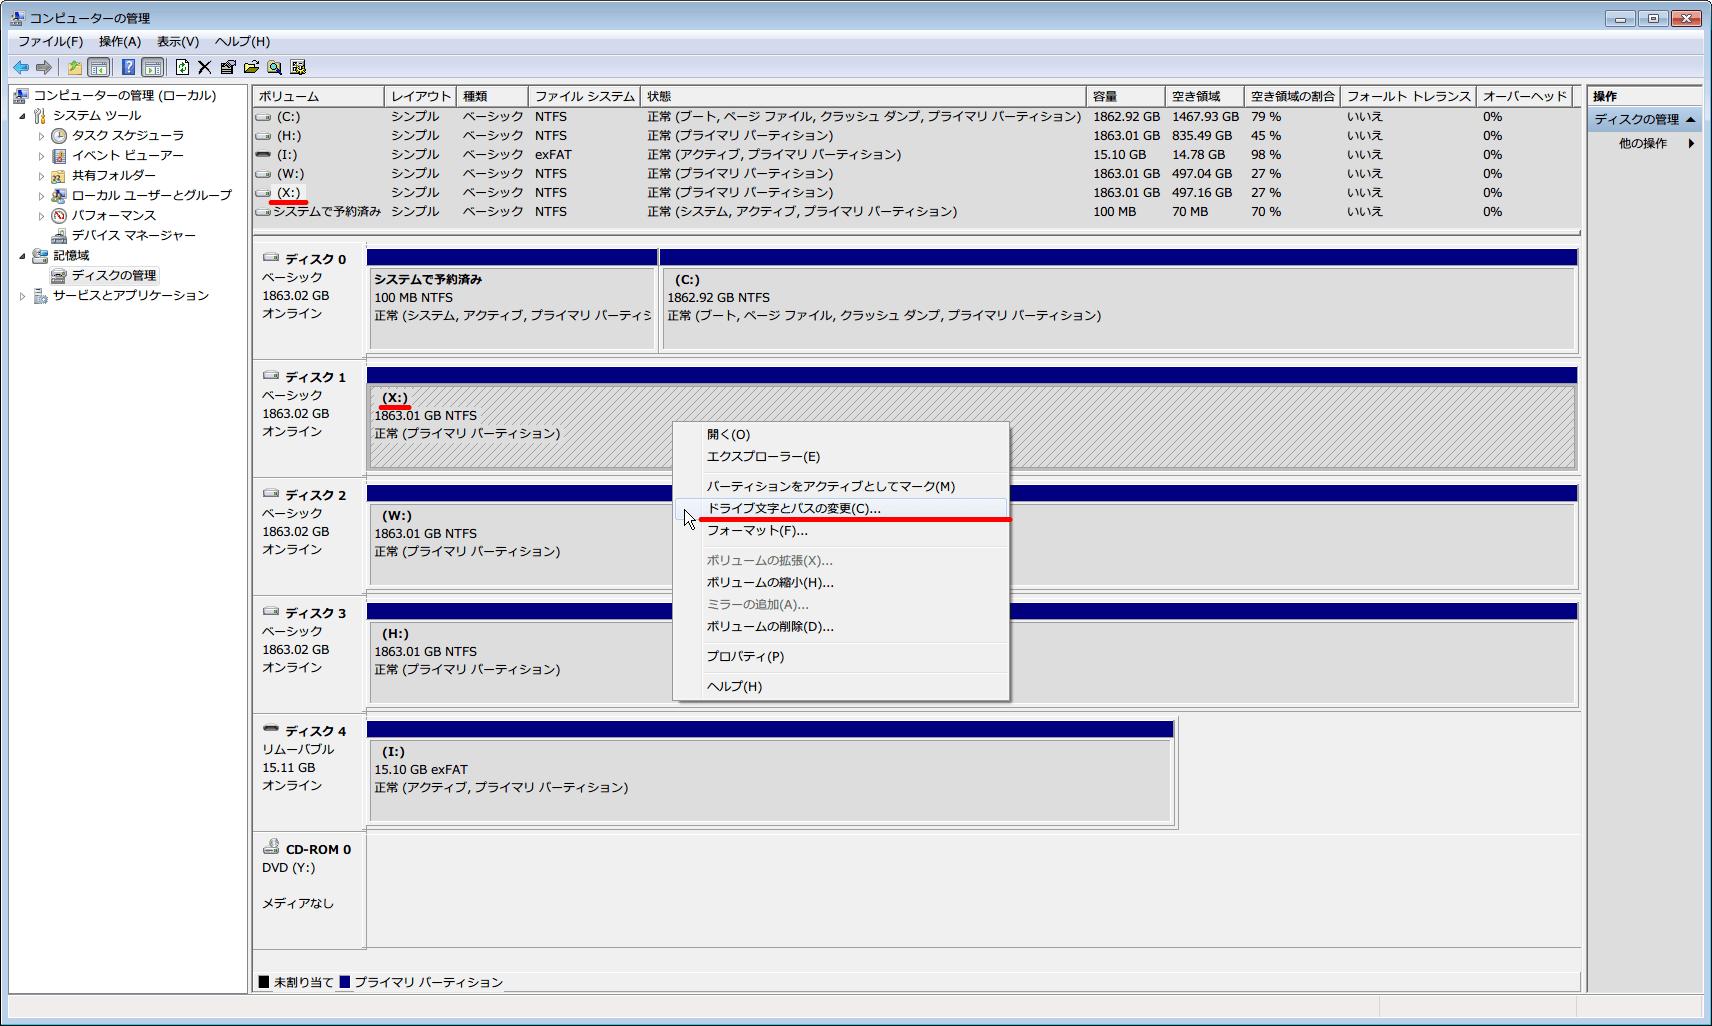 Windows 7 ディスクの管理画面 - ドライブ文字とパスの変更(C)... - 新HDD ドライブレター変更作業